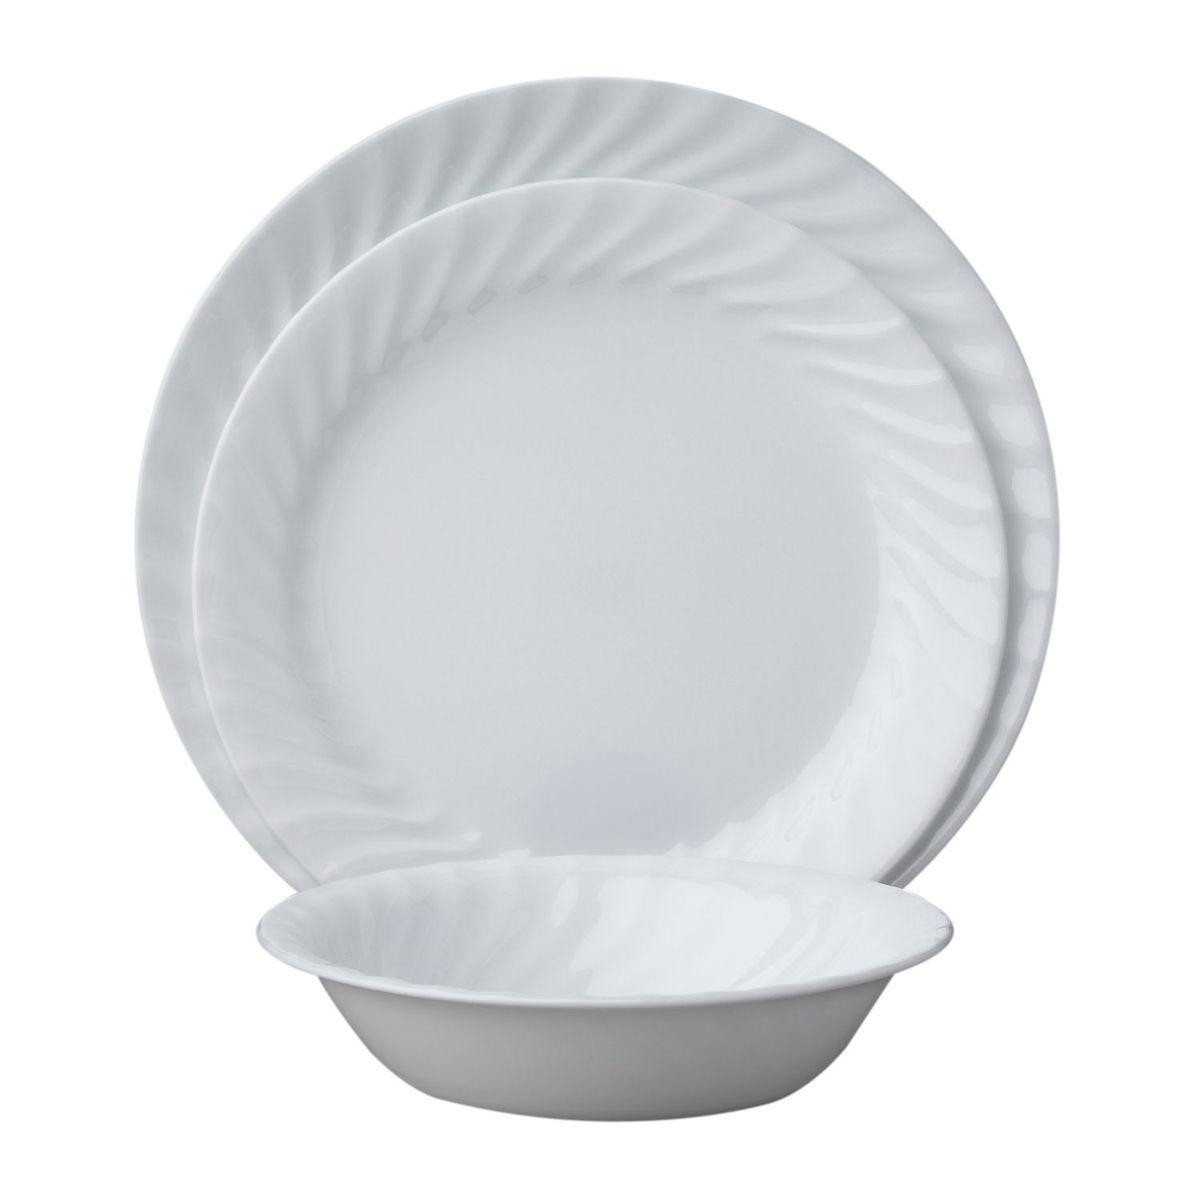 Набор посуды Enhancements 18пр, цвет: белый1088631Преимуществами посуды Corelle являются долговечность, красота и безопасность в использовании. Вся посуда Corelle изготавливается из высококачественного ударопрочного трехслойного стекла Vitrelle и украшена деколями американских и европейских дизайнеров. Рисунки не стираются и не царапаются, не теряют свою яркость на протяжении многих лет. Посуда Corelle не впитывает запахов и очень долгое время выглядит как новая. Уникальная эмаль, используемая во время декорирования, фактически становится единым целым с поверхностью стекла, что гарантирует долгое сохранение нанесенного рисунка. Еще одним из главных преимуществ посуды Corelle является ее безопасность. В производстве используются только безопасные для пищи пигменты эмали, при производстве посуды не применяется вредный для здоровья человека меламин. Изделия из материала Vitrelle:...